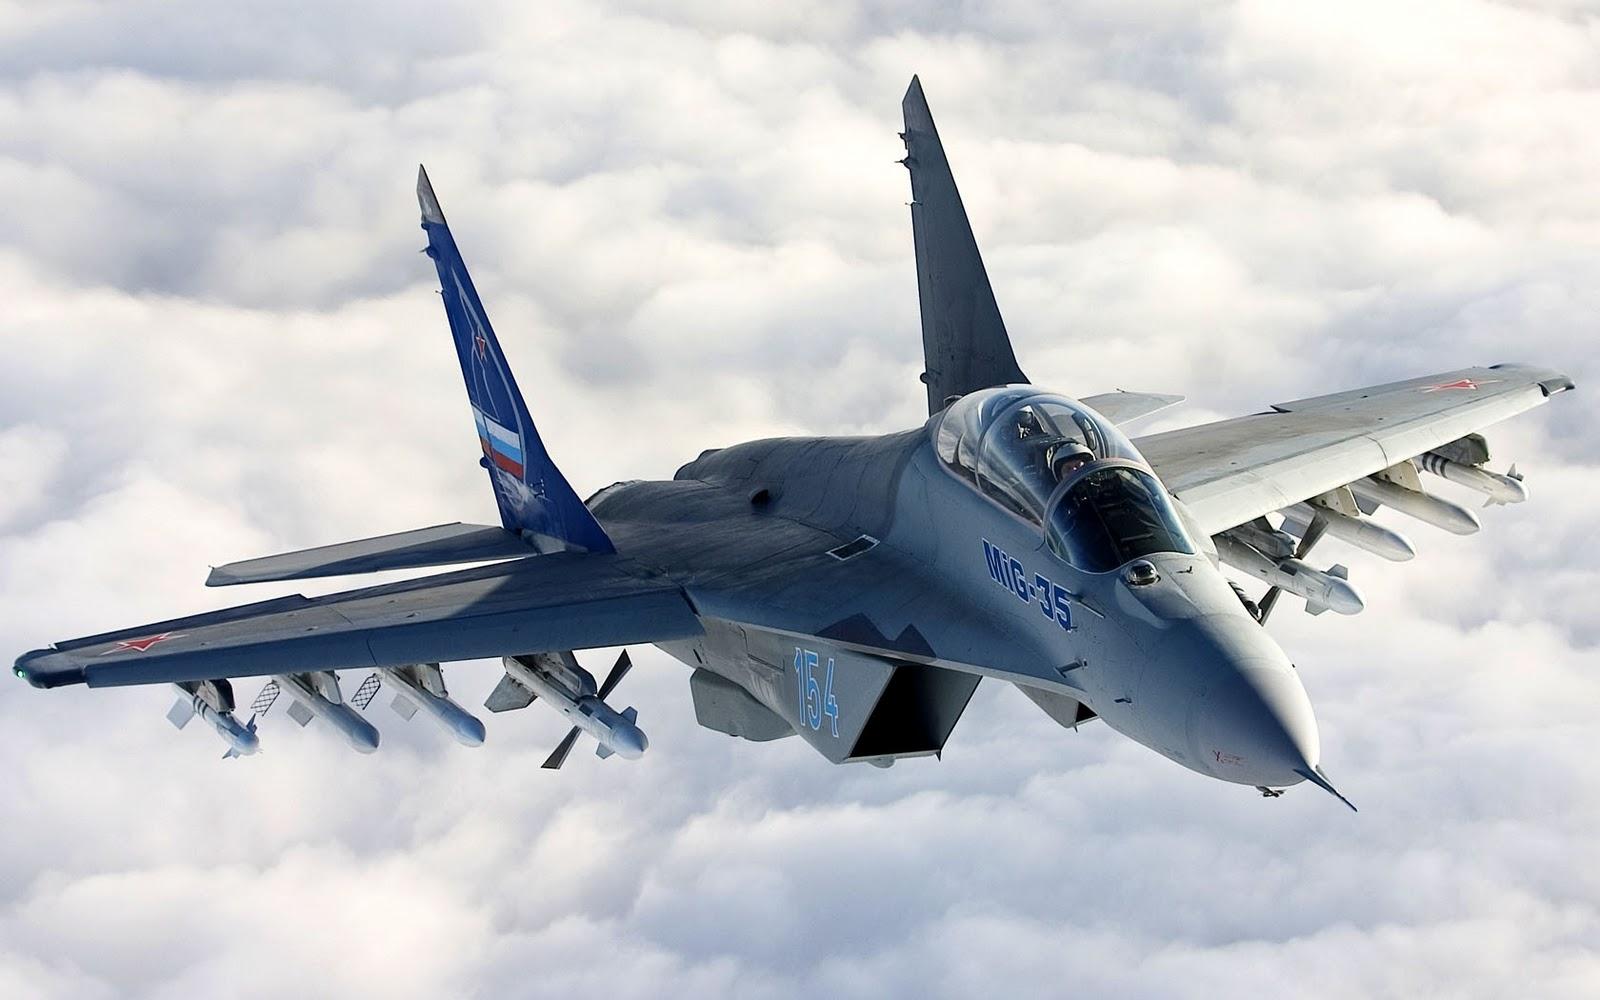 http://2.bp.blogspot.com/_8_4GnCTp578/TLB7a4-5M-I/AAAAAAAABZk/A-KxgzwkVYE/s1600/MiG-35.jpg